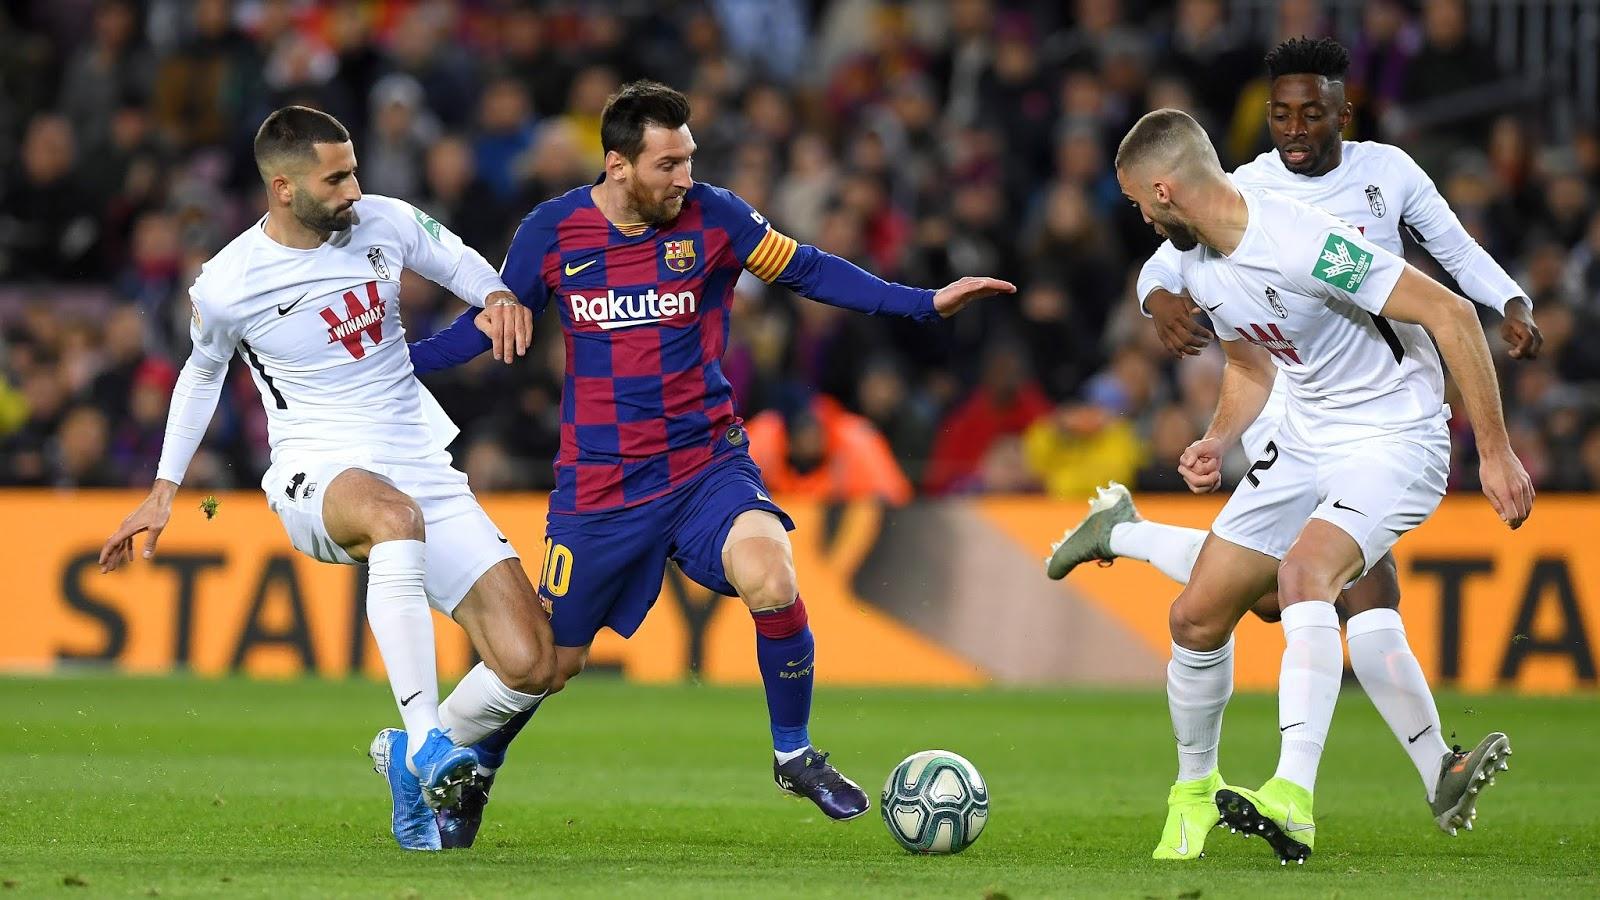 نتيجة مباراة برشلونة وإبيزا بتاريخ 22-01-2020 كأس ملك إسبانيا